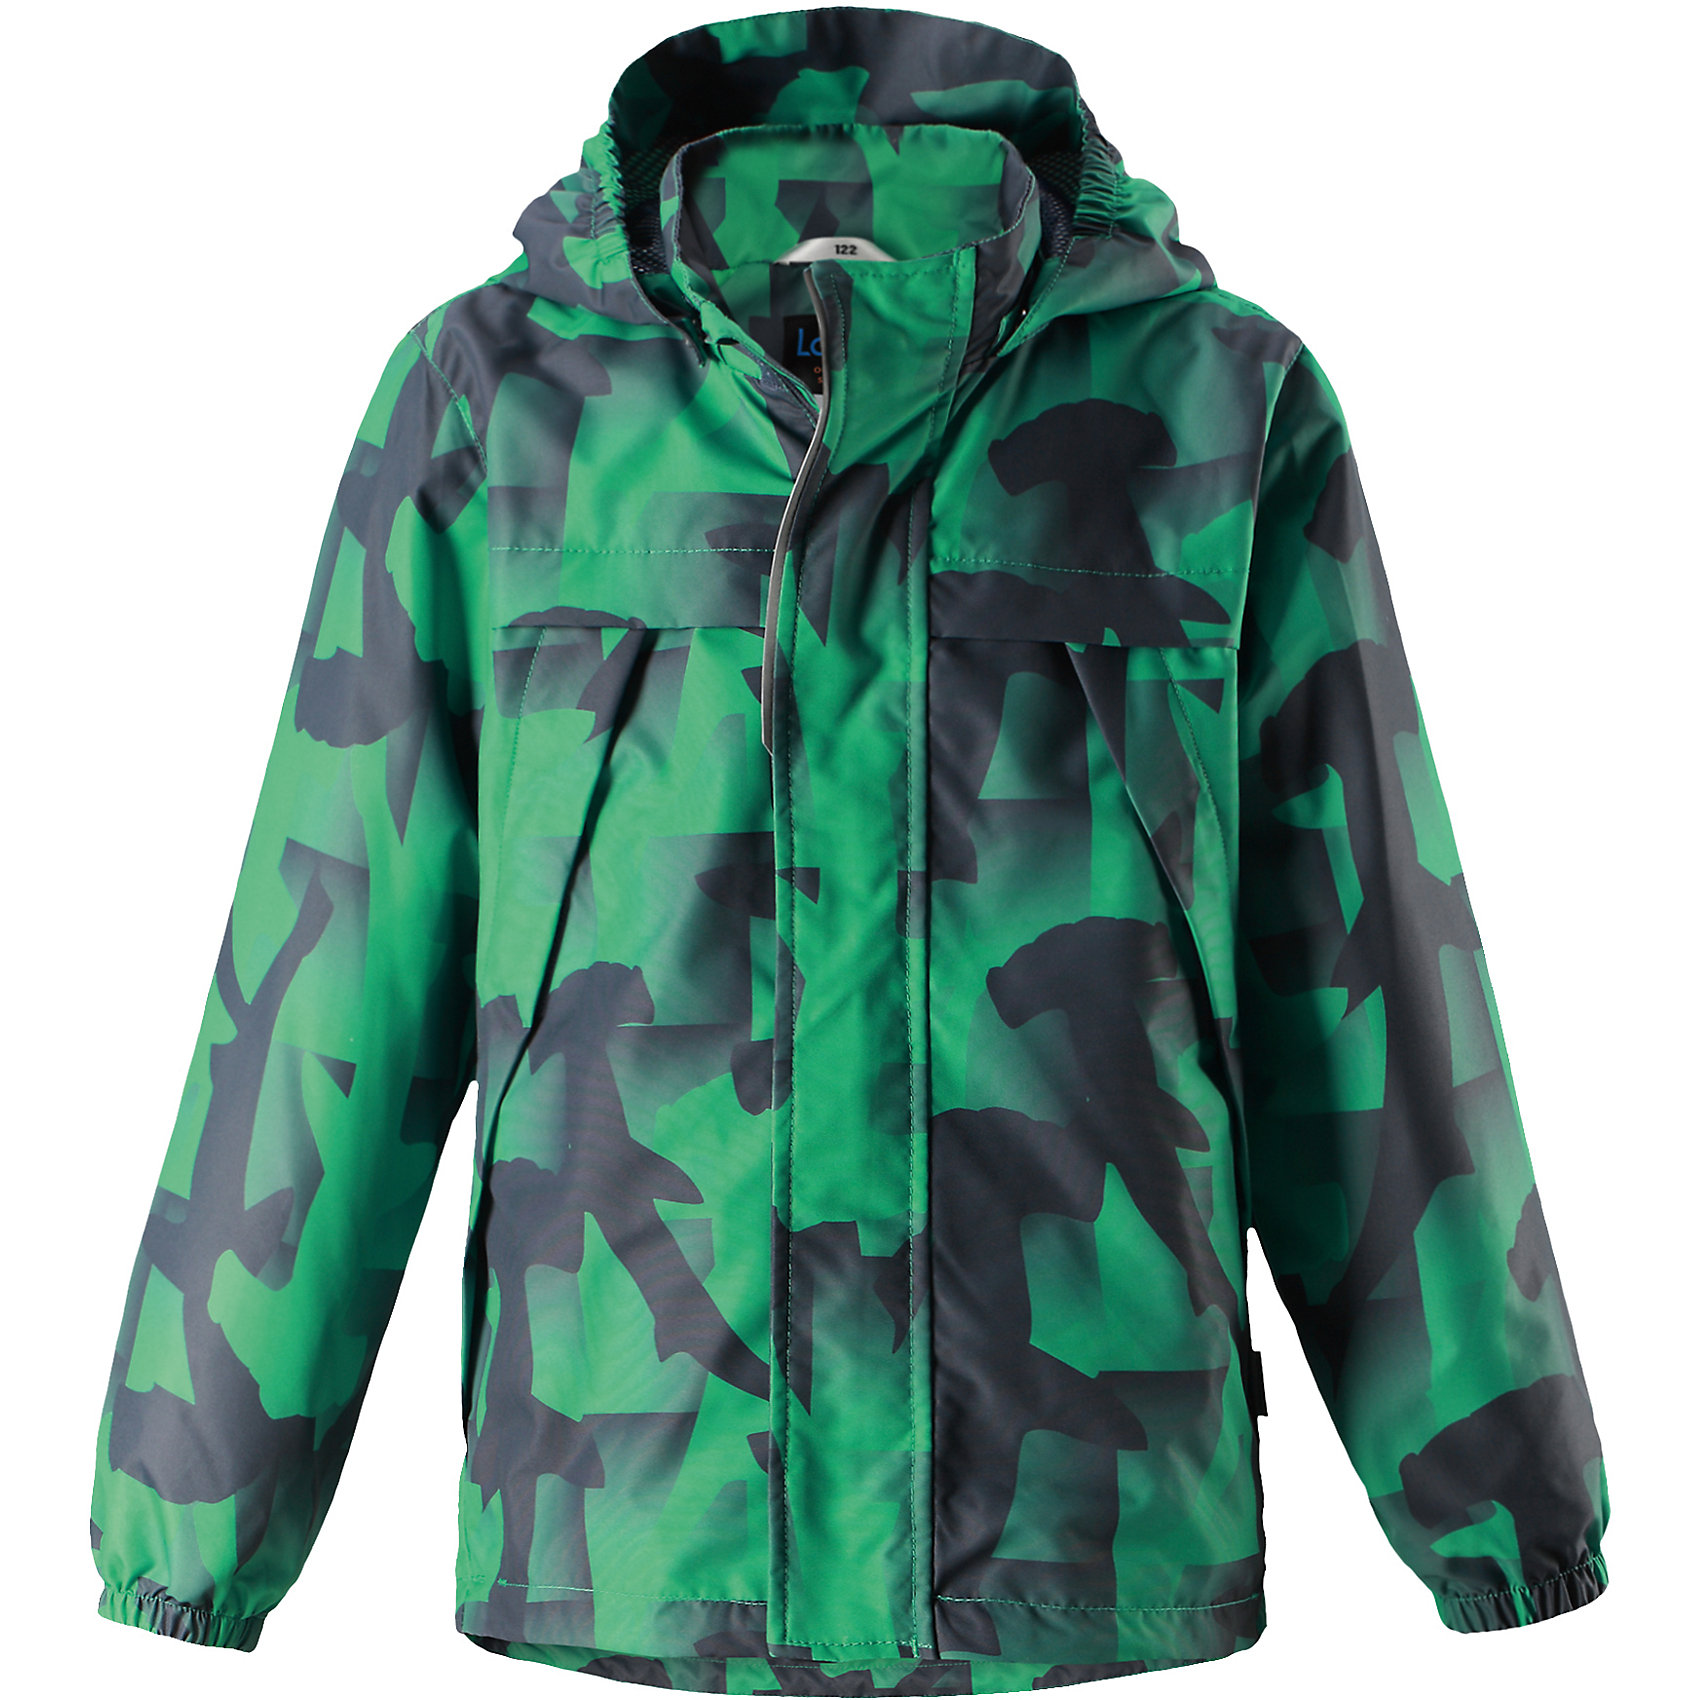 Куртка для мальчика LASSIEОдежда<br>Курткадля мальчика LASSIE<br>Состав:<br>100% Полиэстер, полиуретановое покрытие<br> Куртка для детей<br> Водоотталкивающий, ветронепроницаемый и «дышащий» материал<br> Подкладка из mesh-сетки<br> Безопасный, съемный капюшон<br> Эластичные манжеты<br> Регулируемый подол<br> Передние карманы<br><br>Ширина мм: 356<br>Глубина мм: 10<br>Высота мм: 245<br>Вес г: 519<br>Цвет: зеленый<br>Возраст от месяцев: 108<br>Возраст до месяцев: 120<br>Пол: Мужской<br>Возраст: Детский<br>Размер: 140,110,134,98,116,92,128,104,122<br>SKU: 5264485